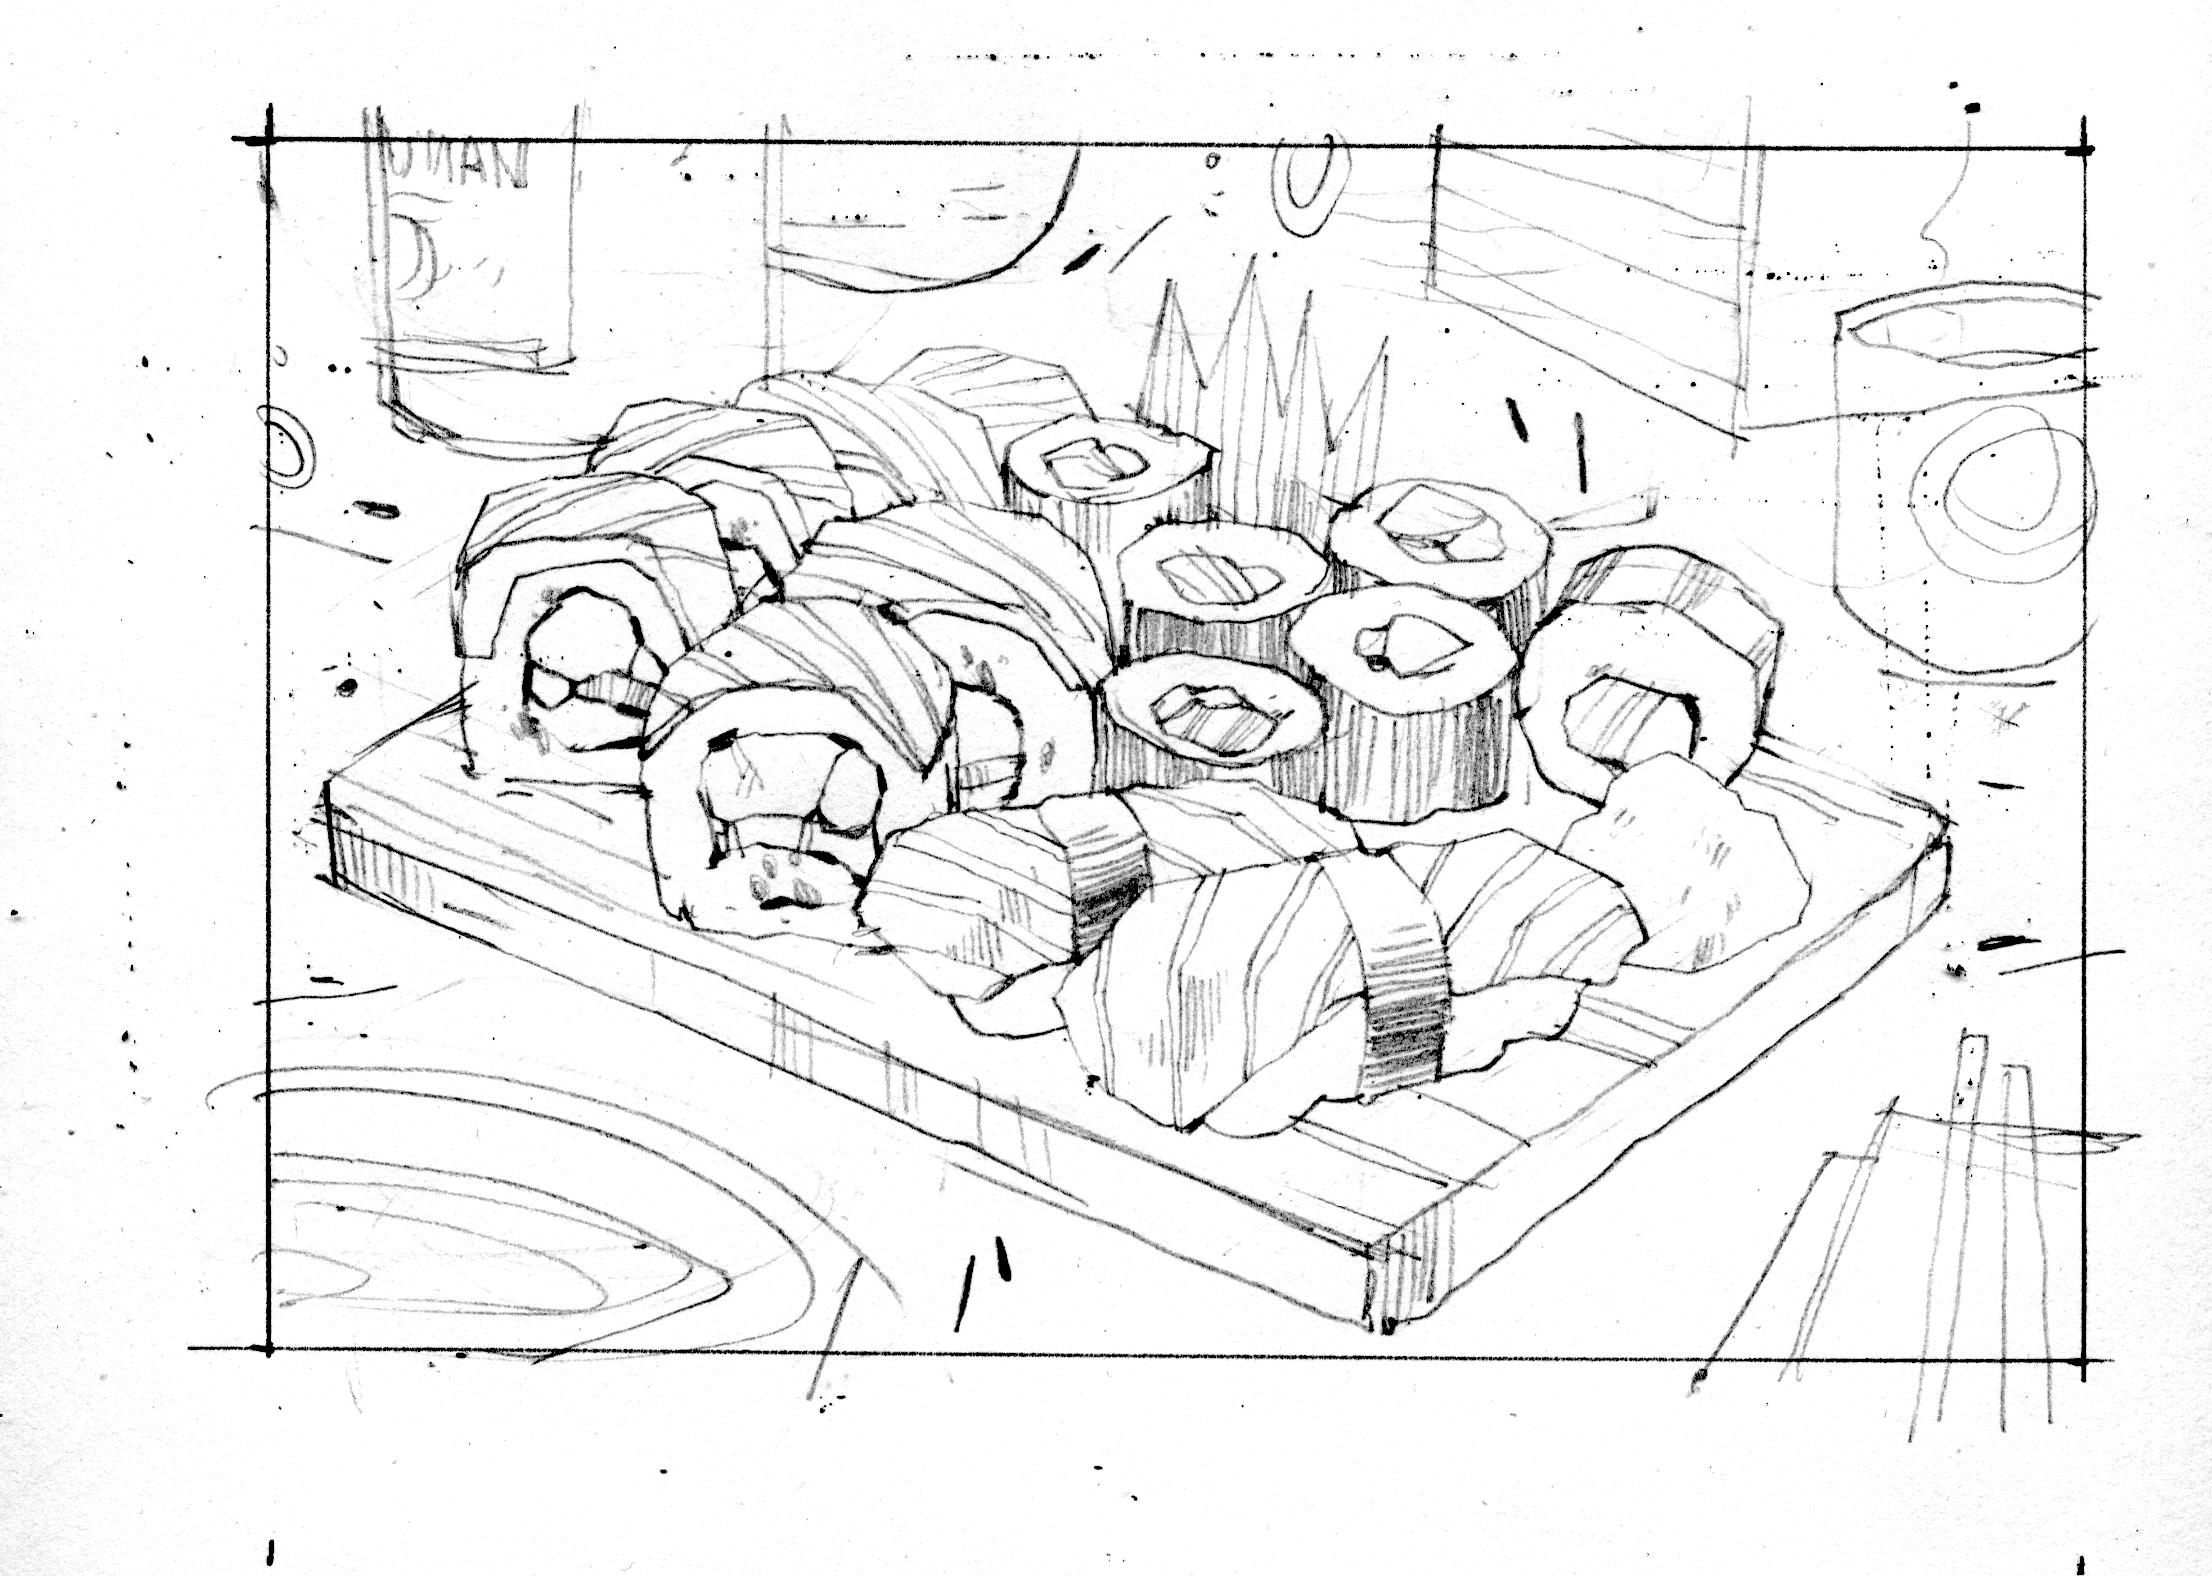 sushi sketch